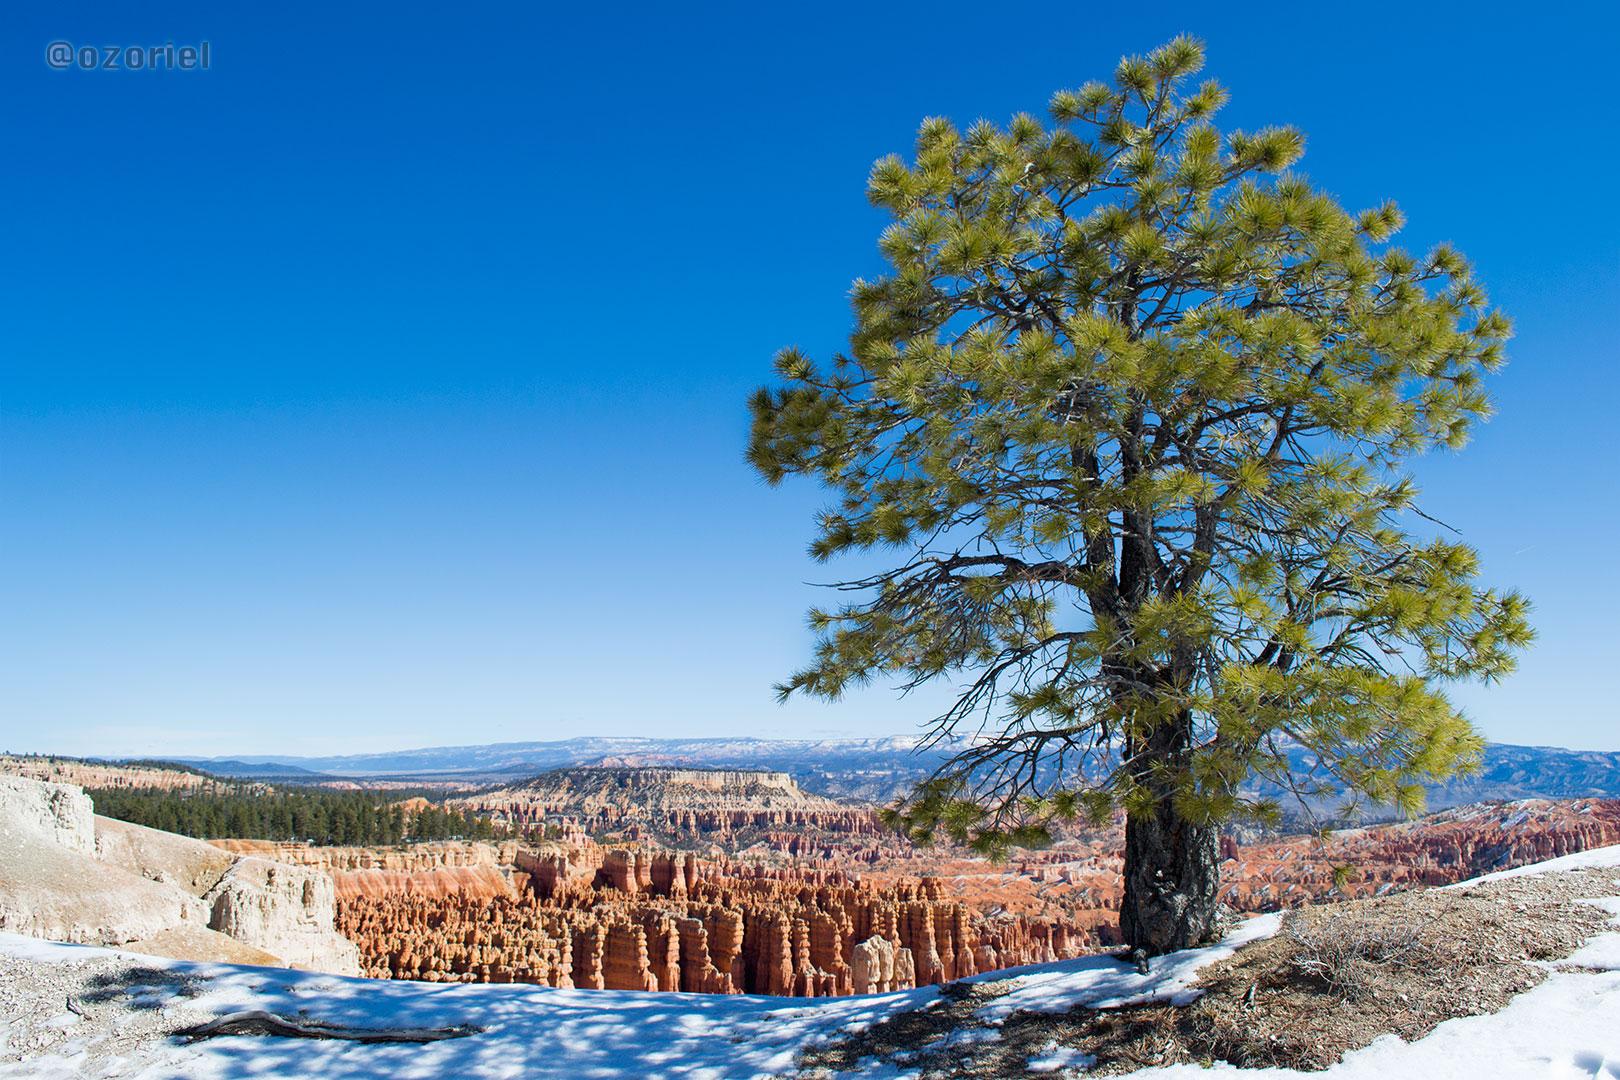 Hoodoos at Bryce Canyon National Park in Winter | Utah, USA | feb 2014